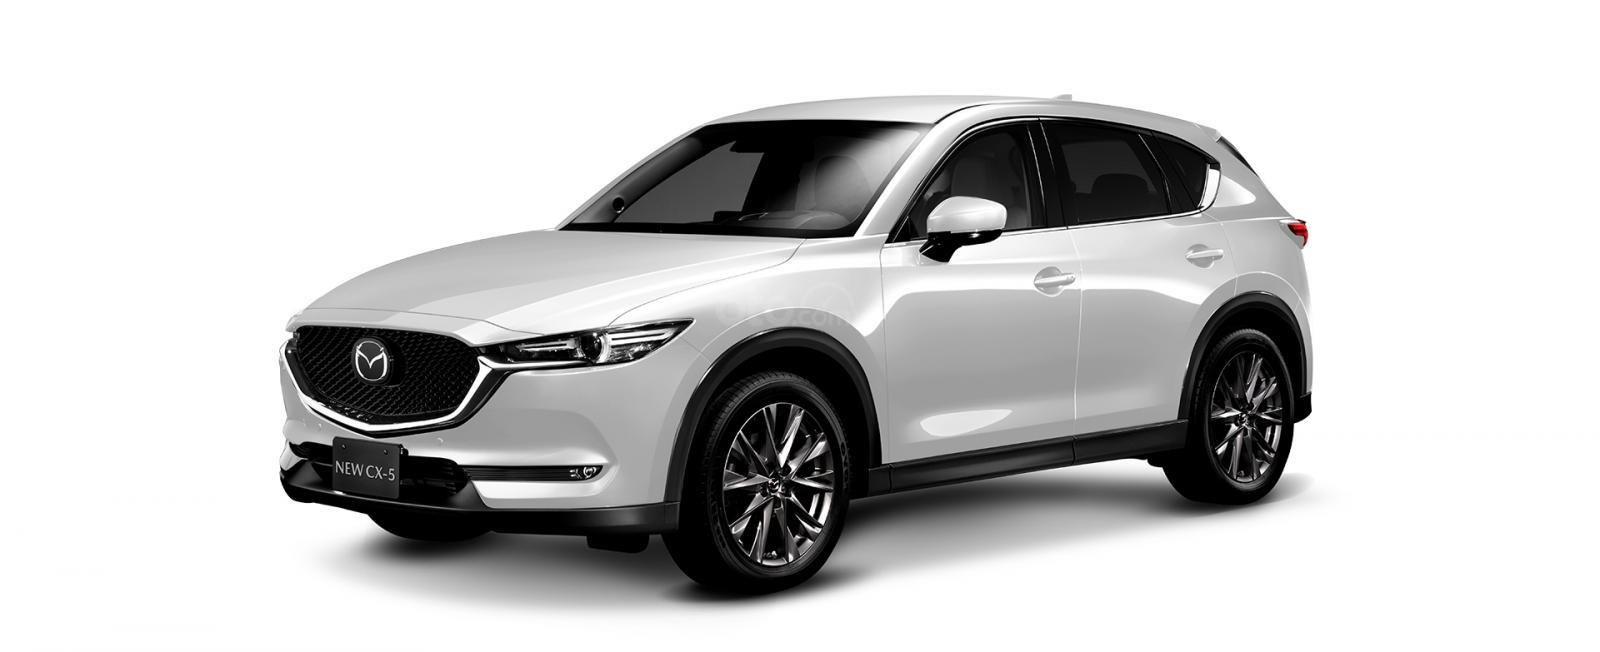 Đánh giá xe Mazda CX-5 2019: Màu Trắng.